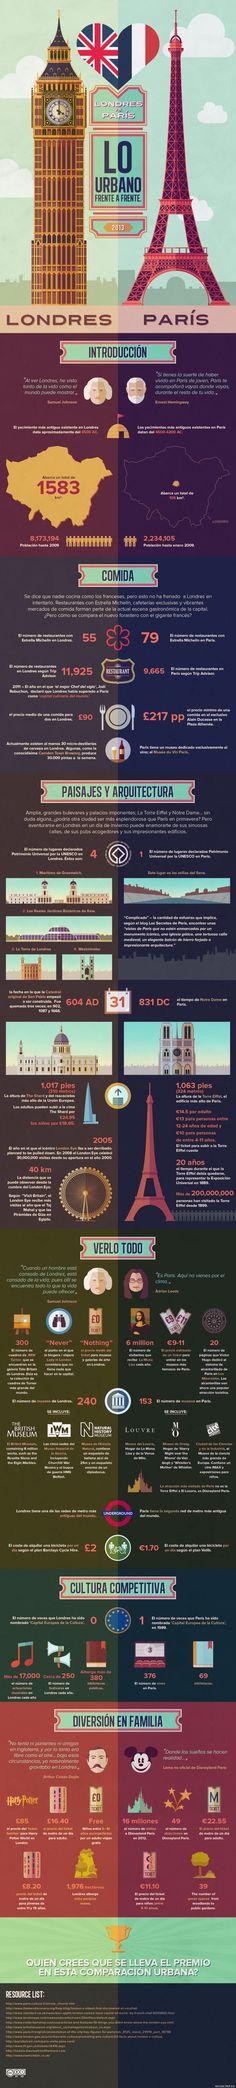 París y Londres: descubre qué ciudad es mejor (INFOGRAFÍA)